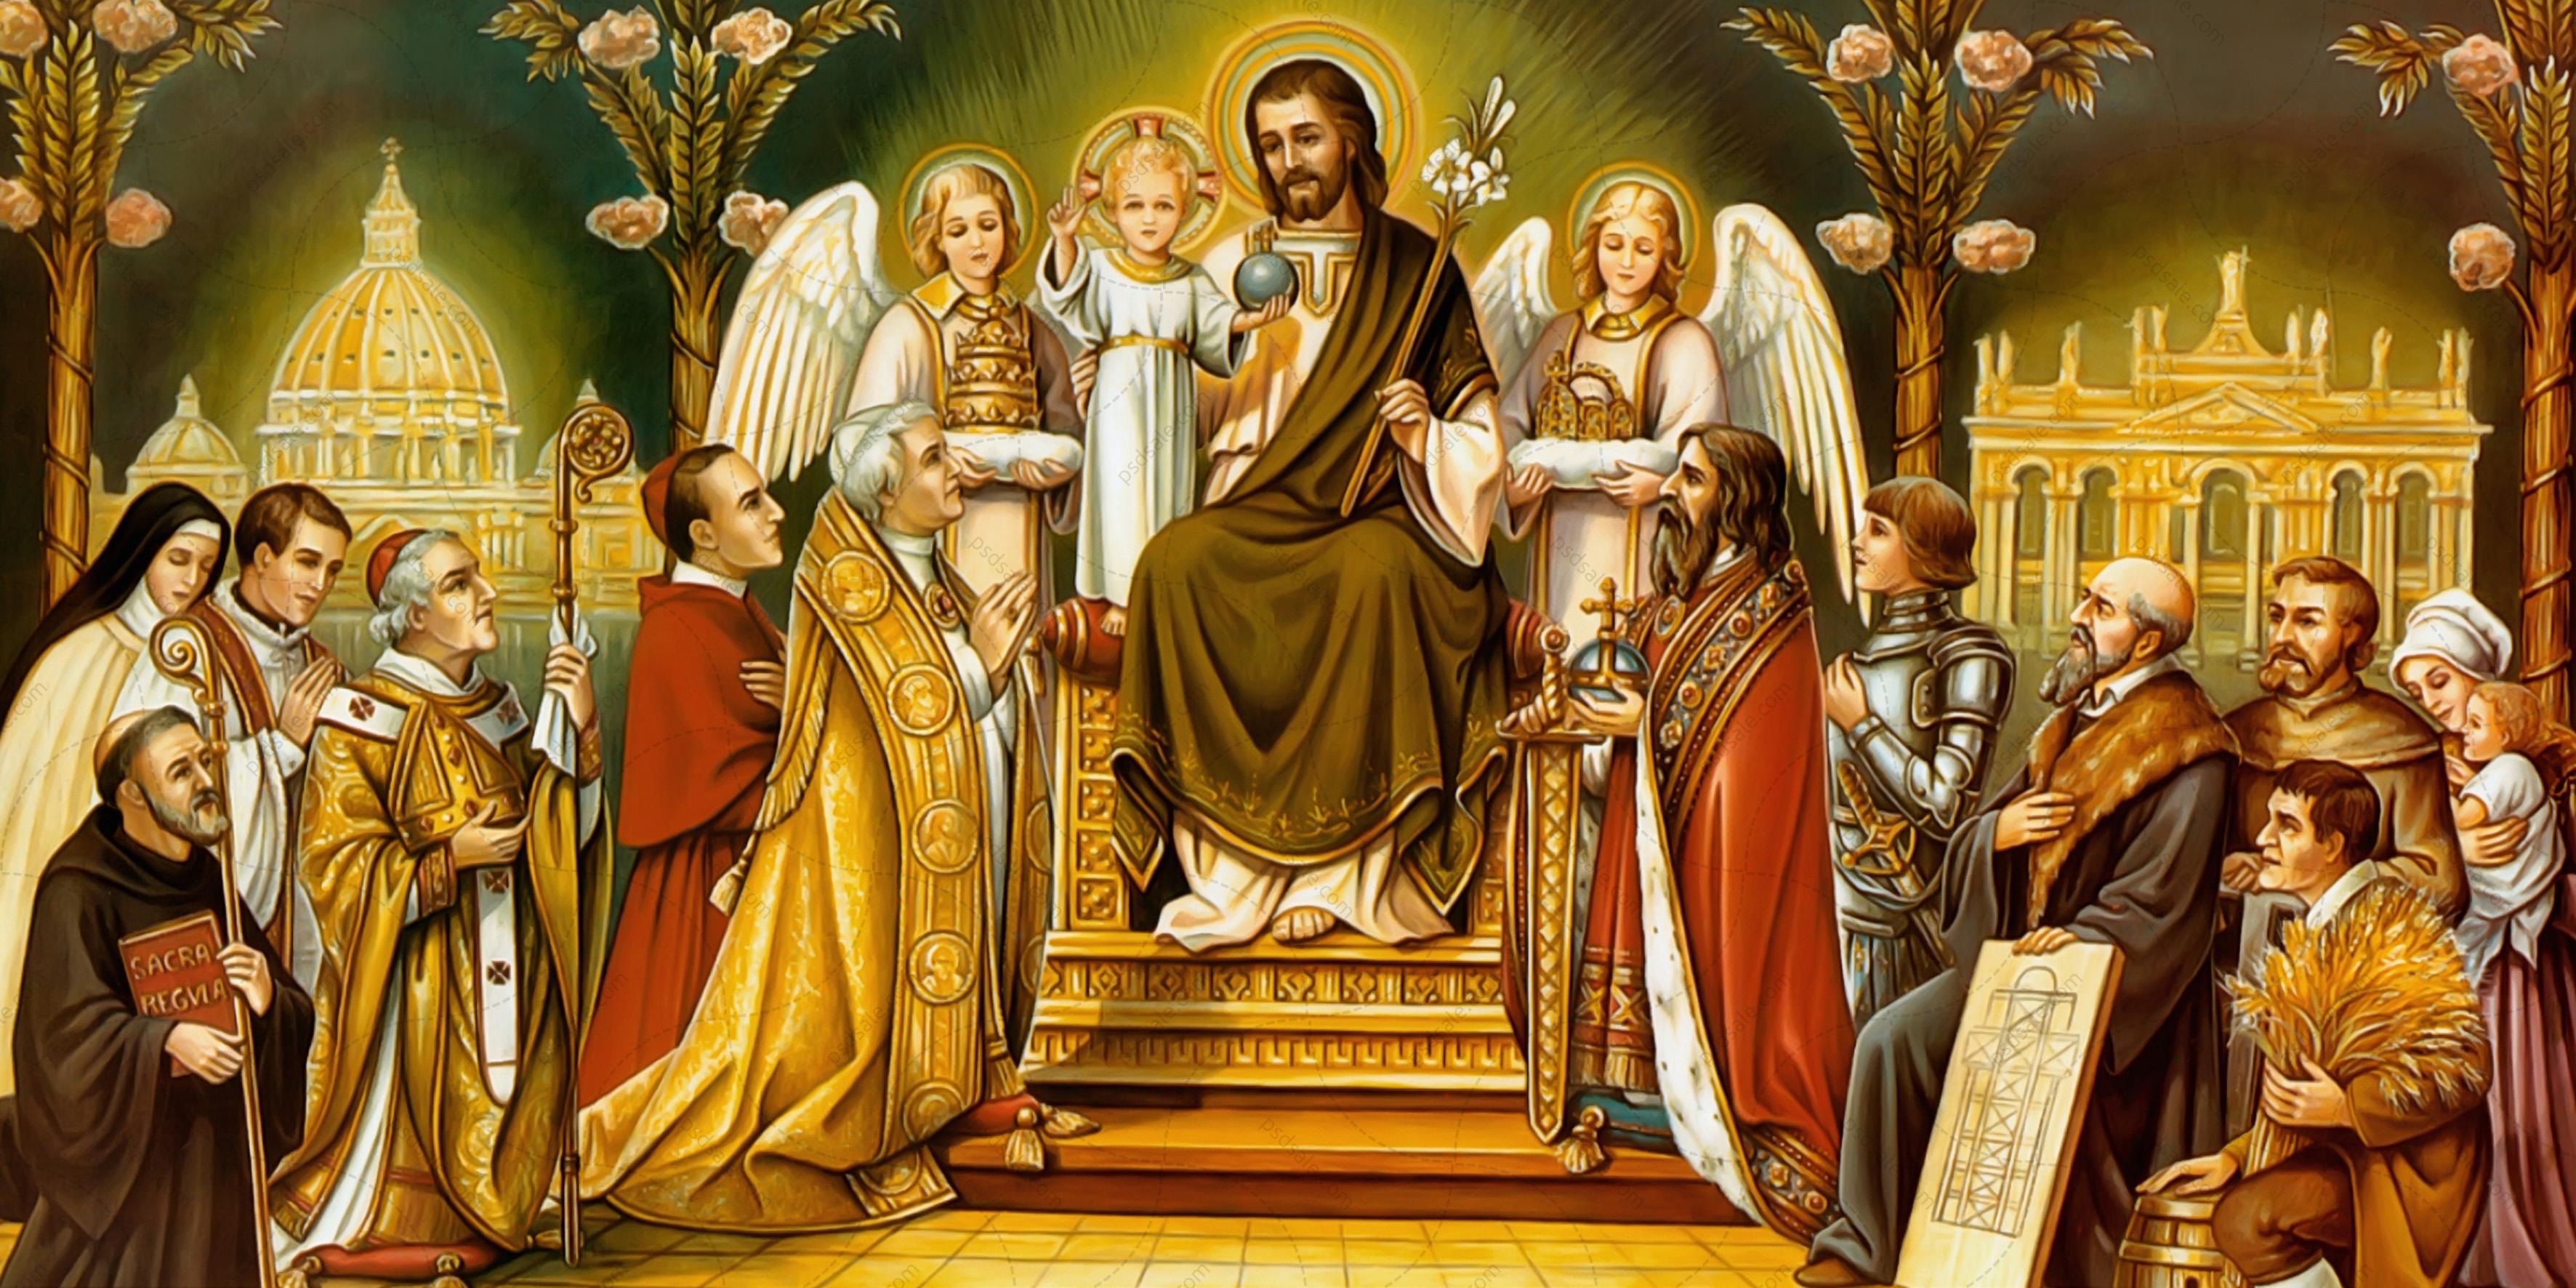 Иисус на троне